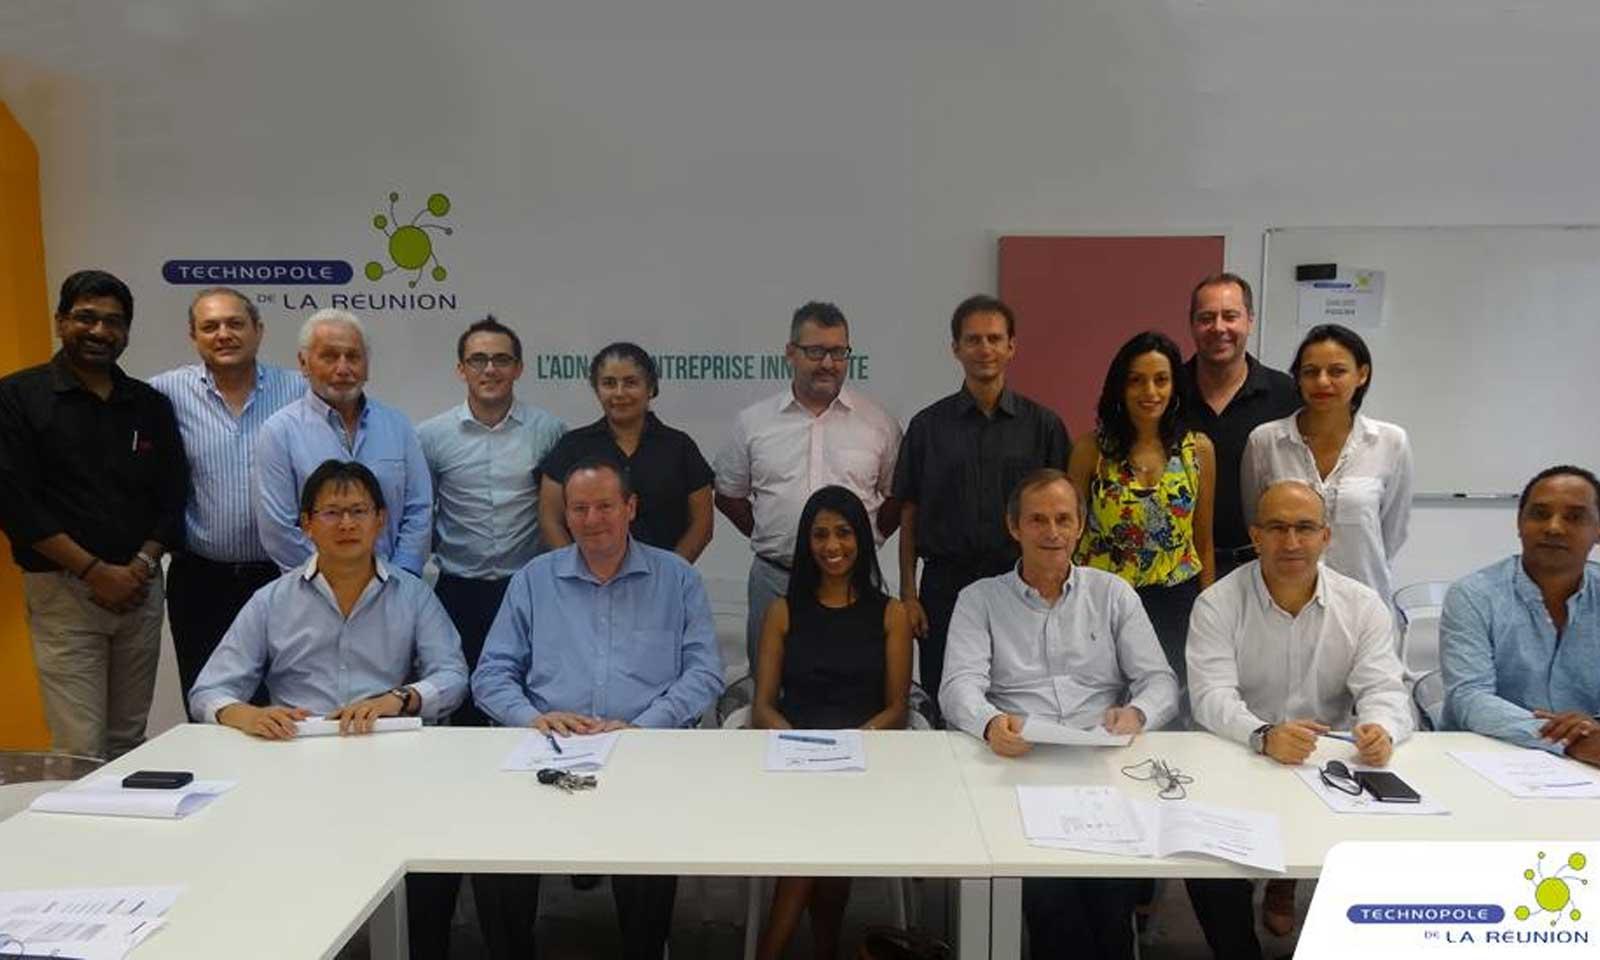 Concours de création d'entreprises innovantes : la 7e édition